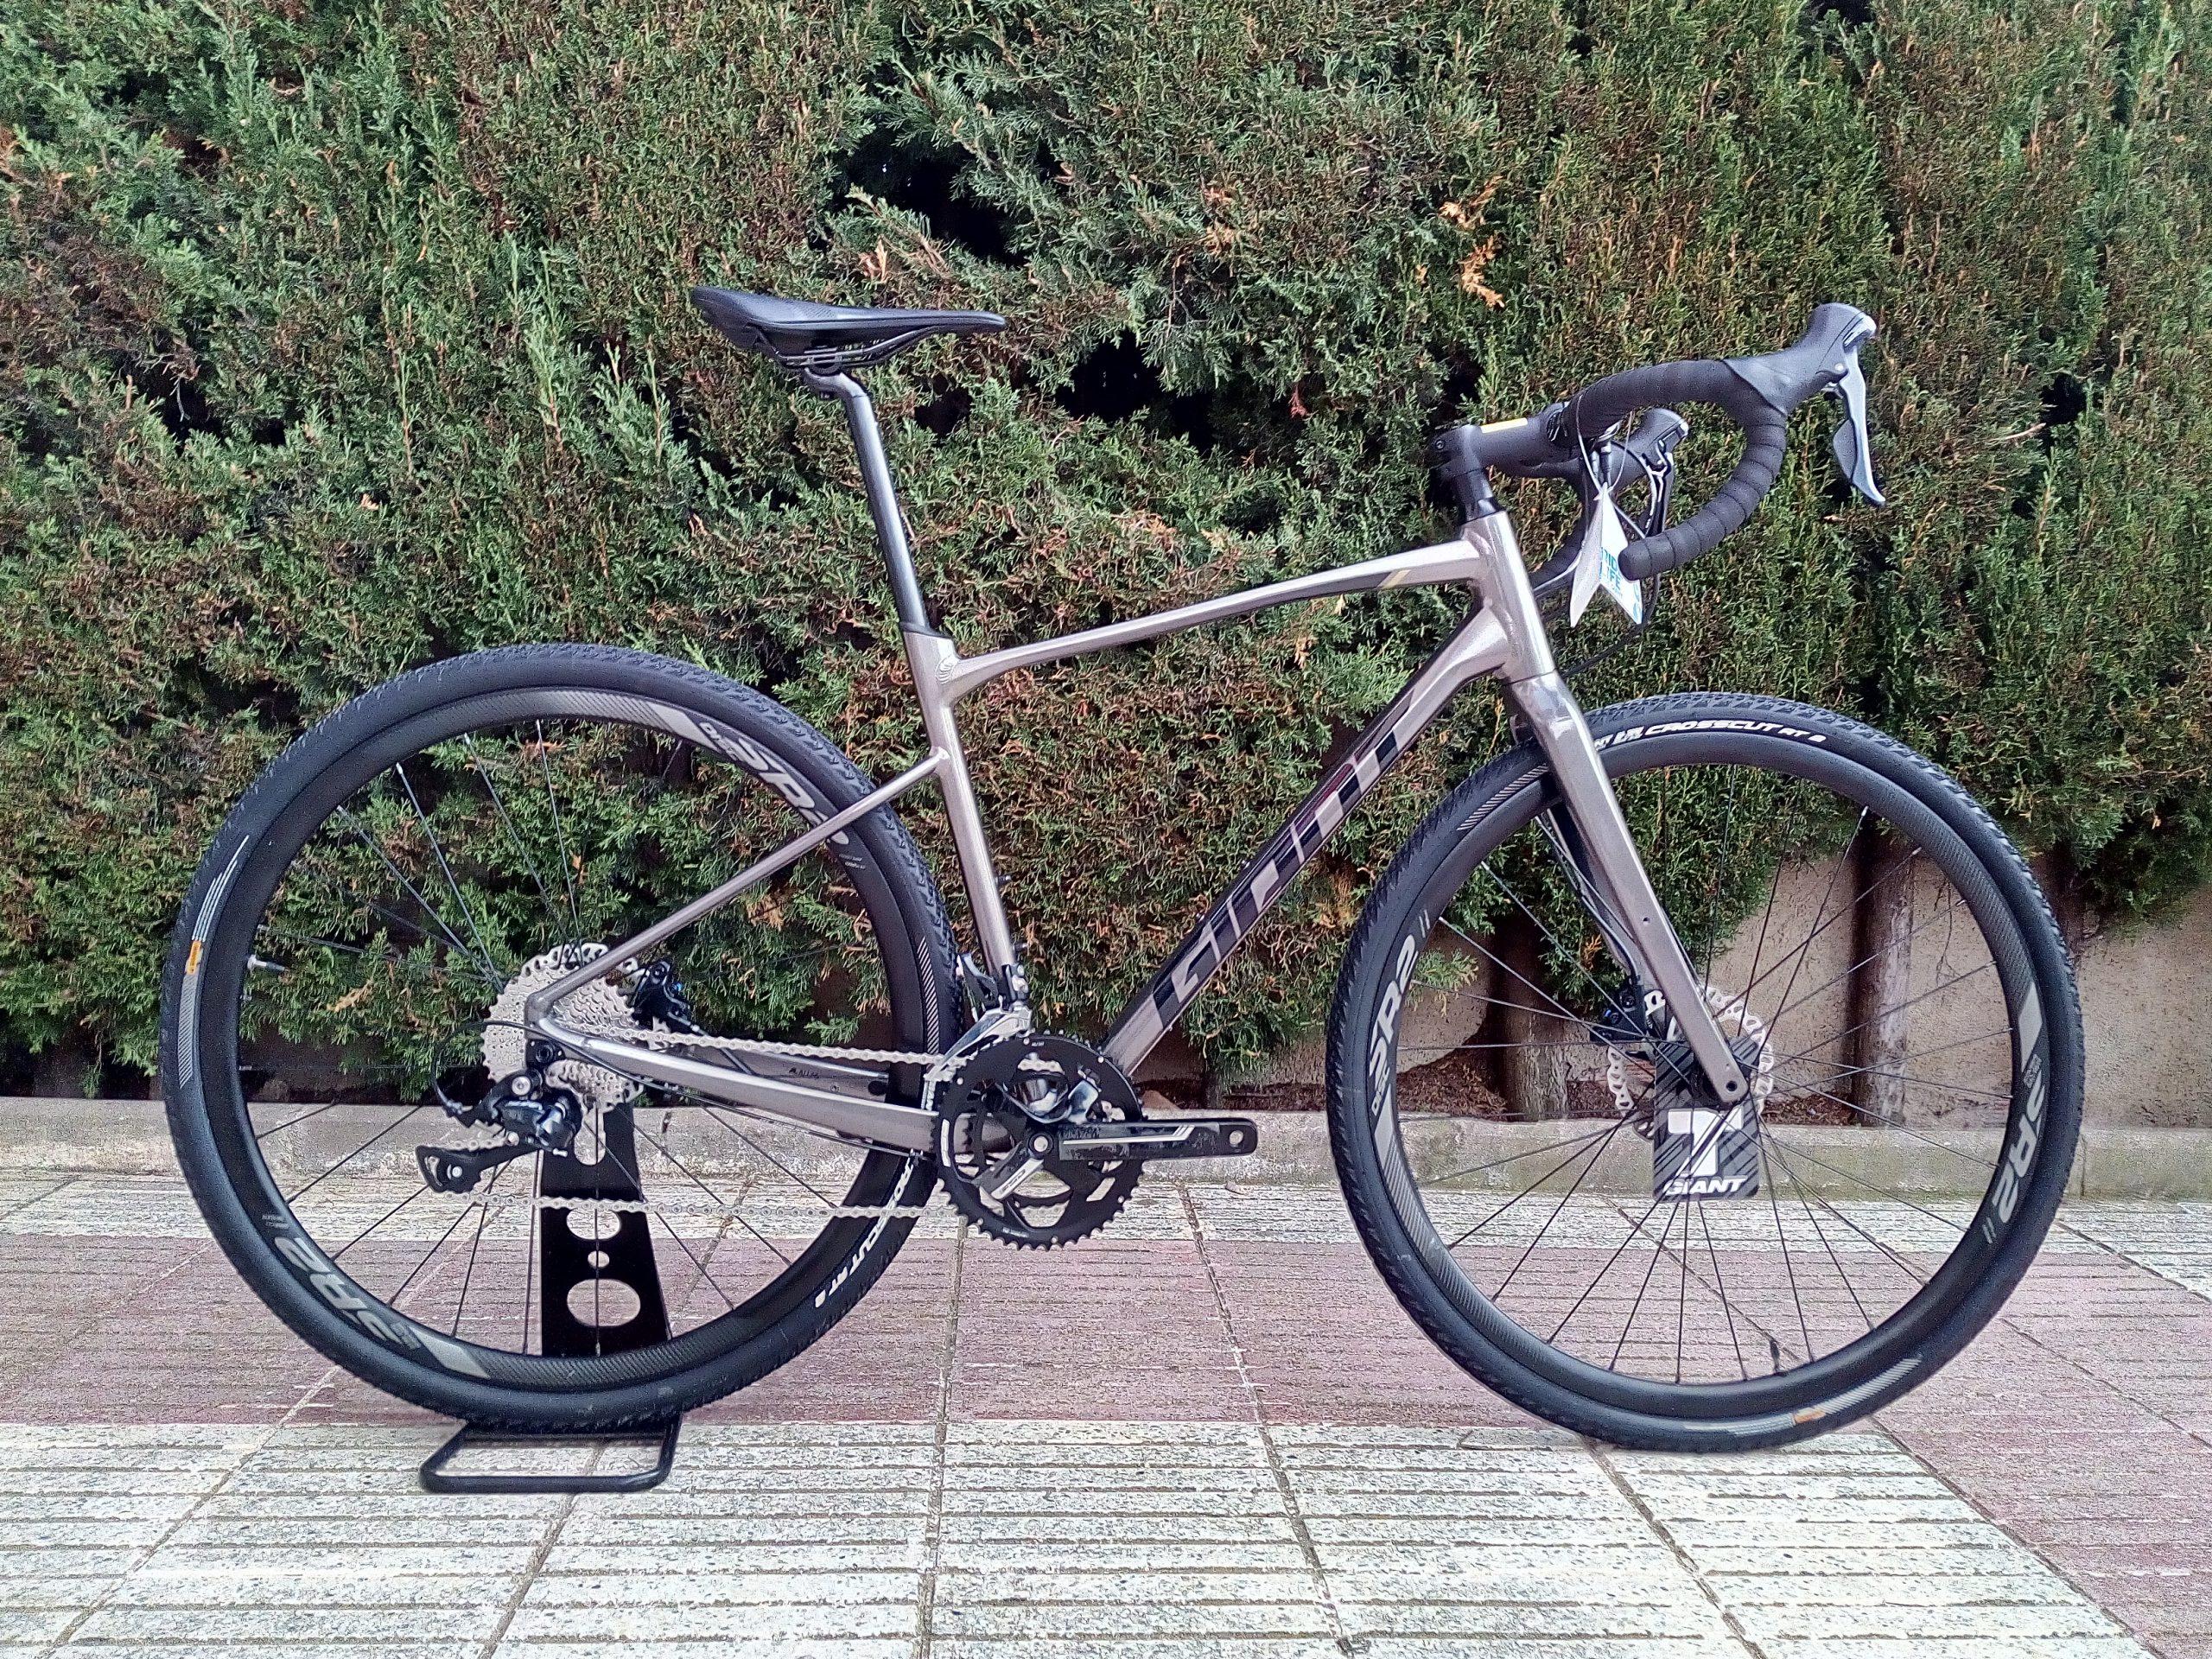 Giant Revolt 2 Bikeforever arenys